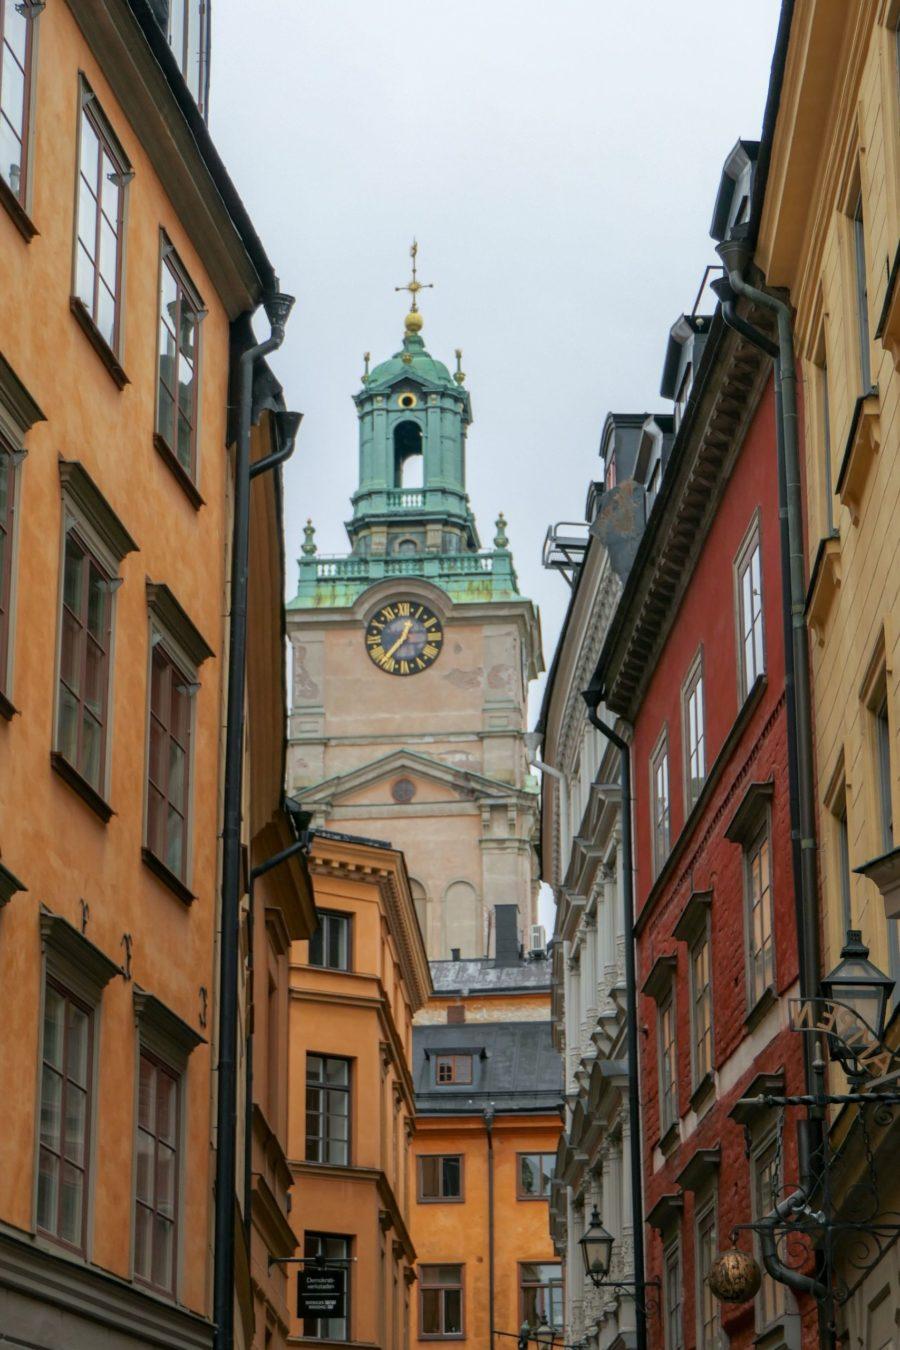 Stockholm Schweden Gamla Stan Stadsholmen Altstadt Storykyrkan